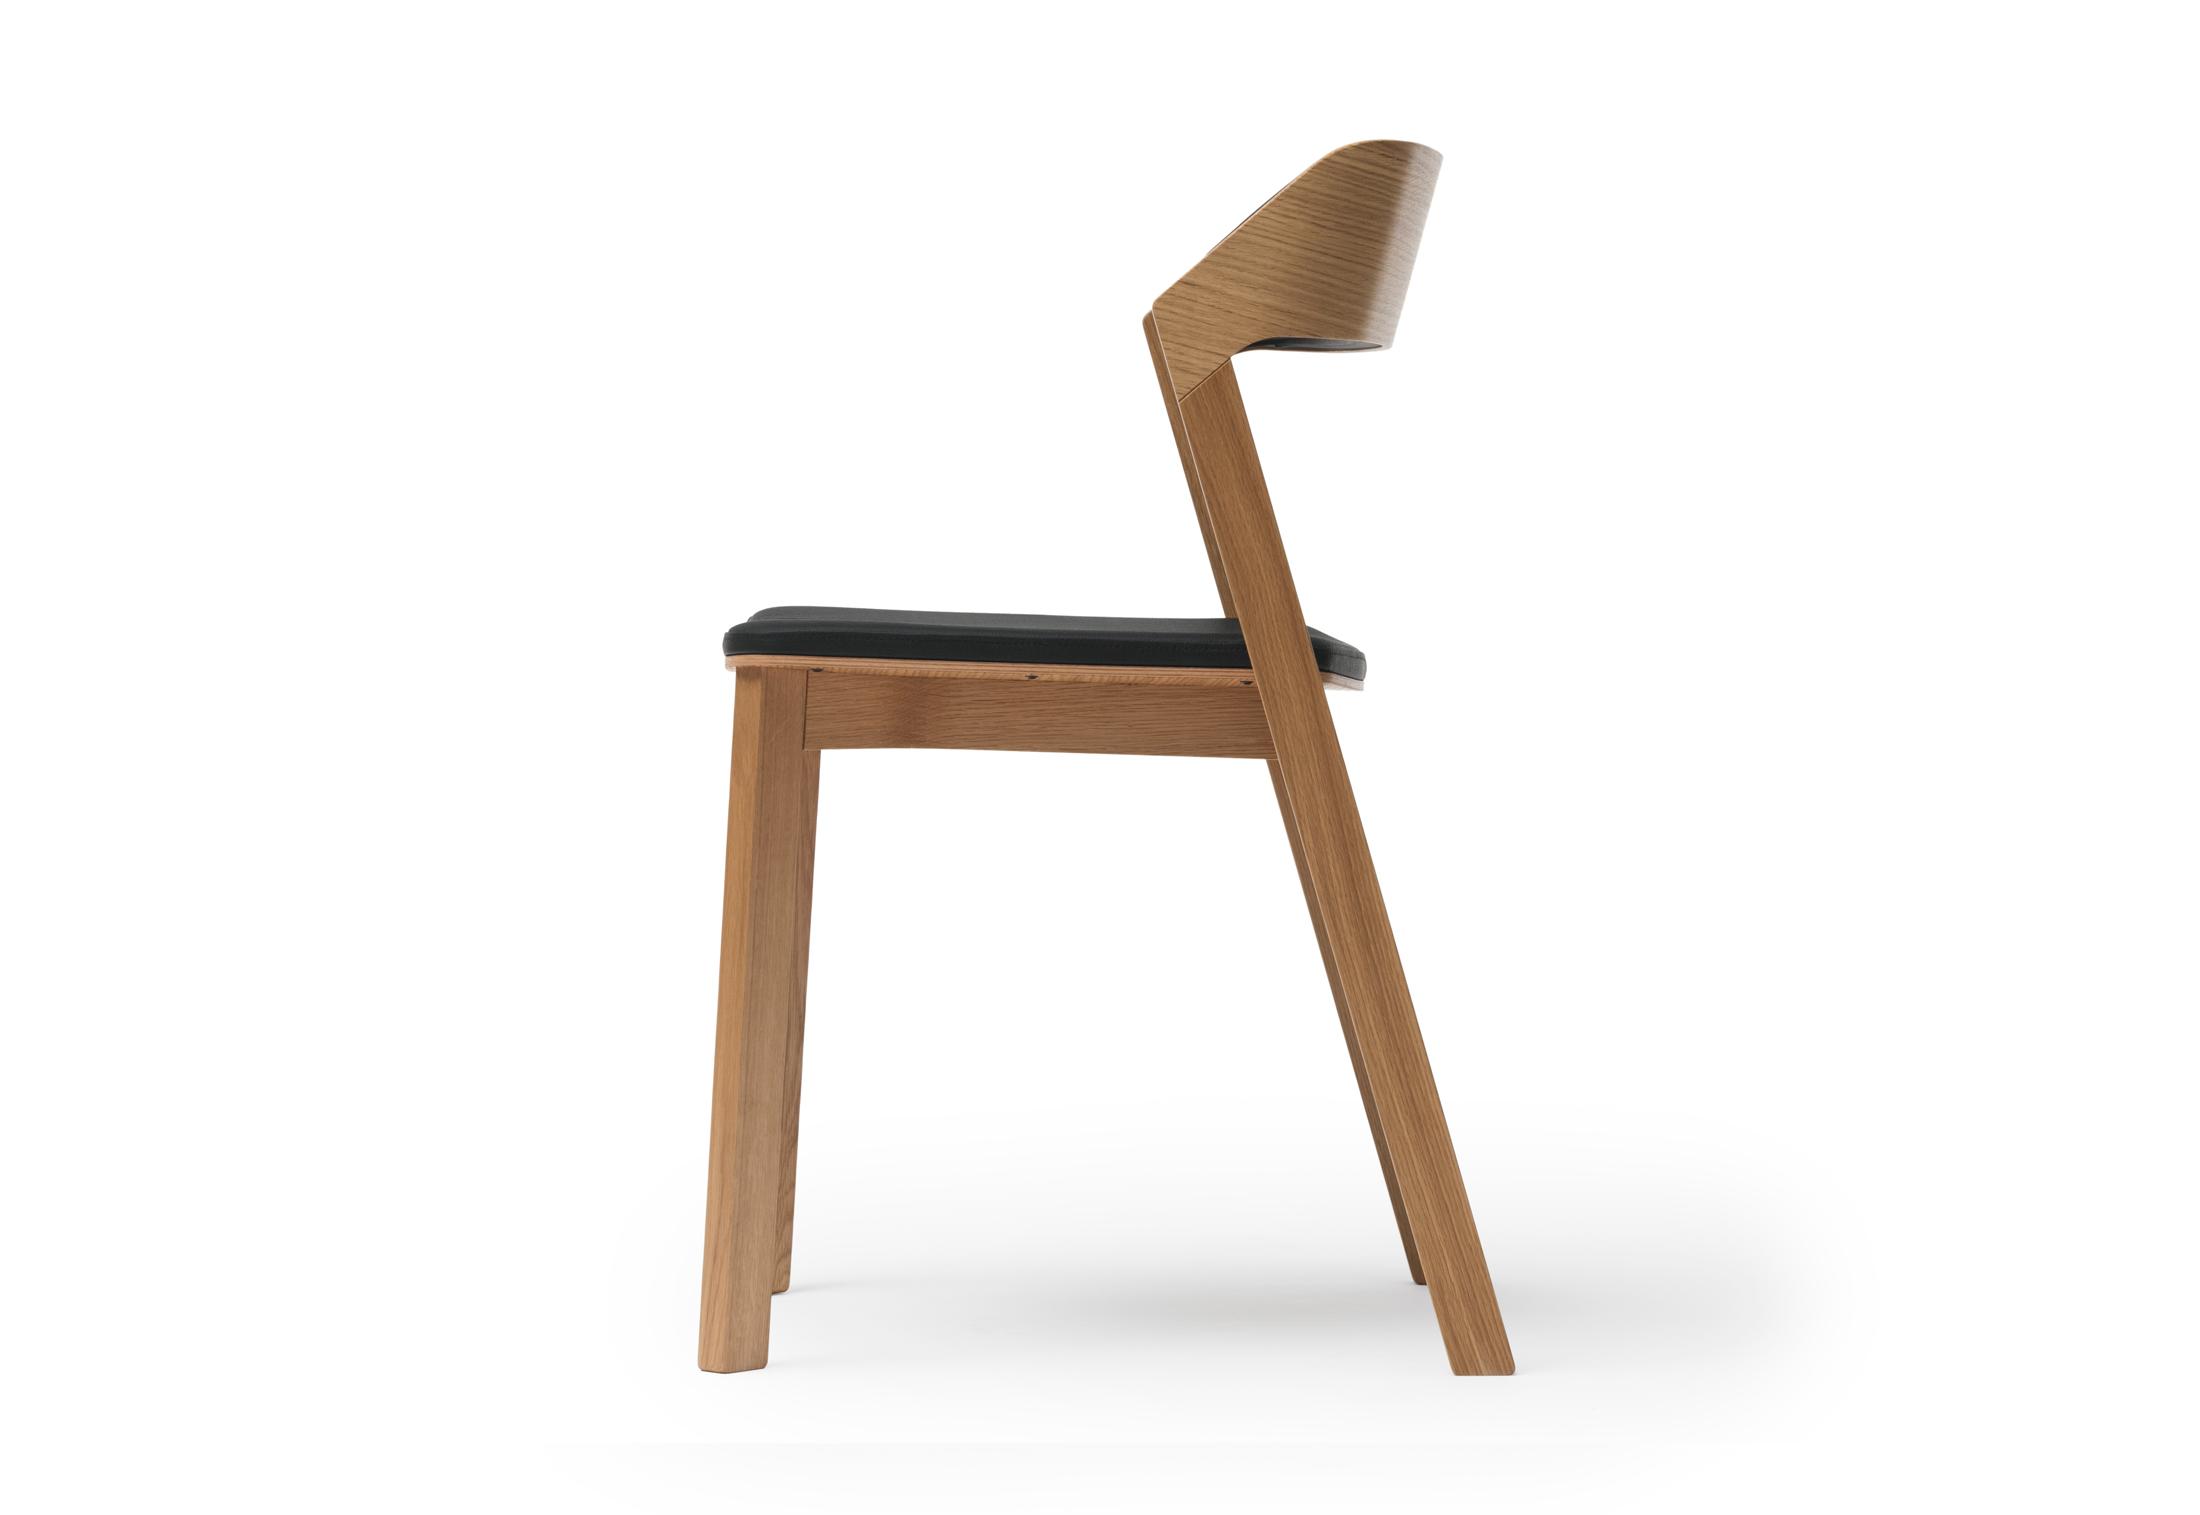 Wunderbar Stuhl Gepolstert Referenz Von Merano